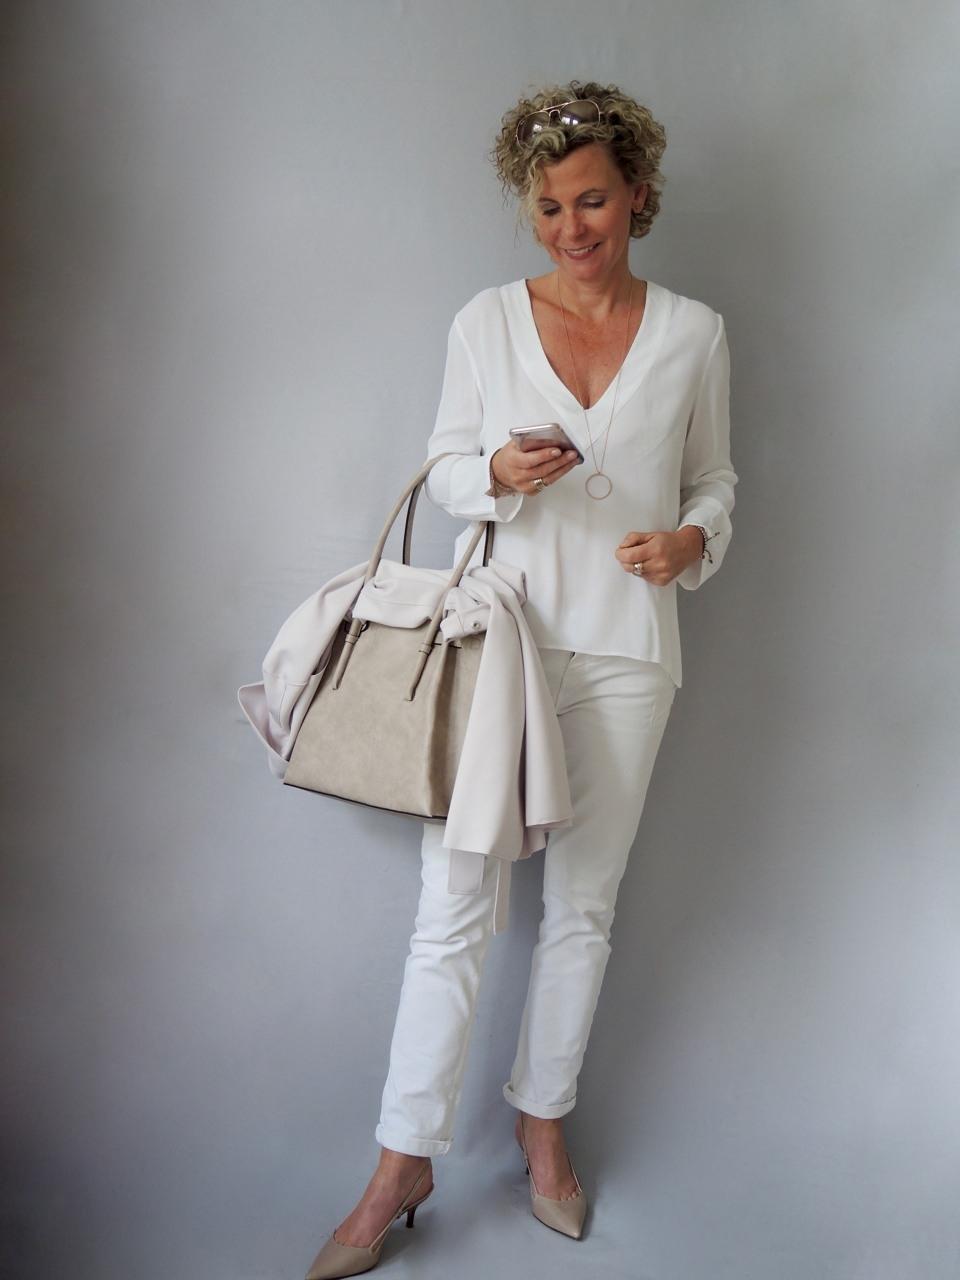 15 Schön Elegante Kleider Für Die Frau Ab 50 Bester PreisAbend Kreativ Elegante Kleider Für Die Frau Ab 50 Stylish